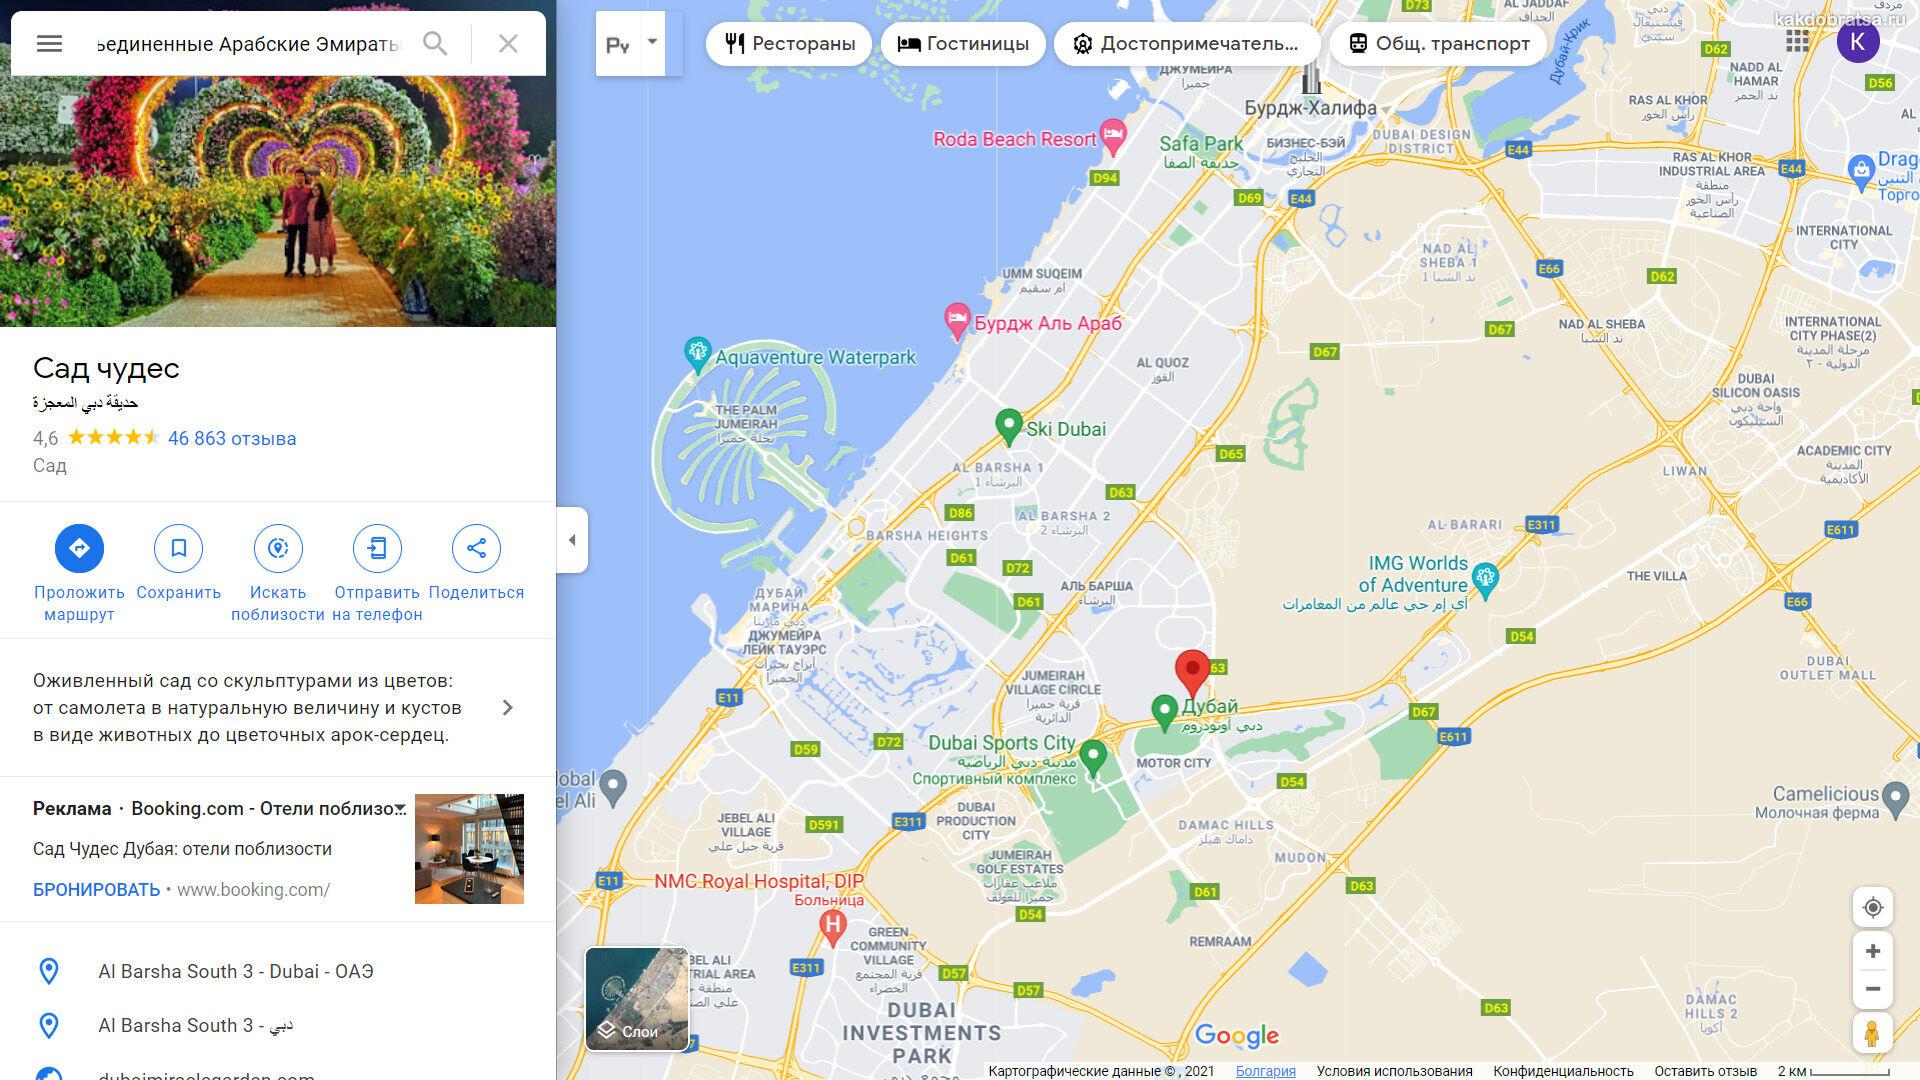 Расположение Парка цветов в Дубае на карте города